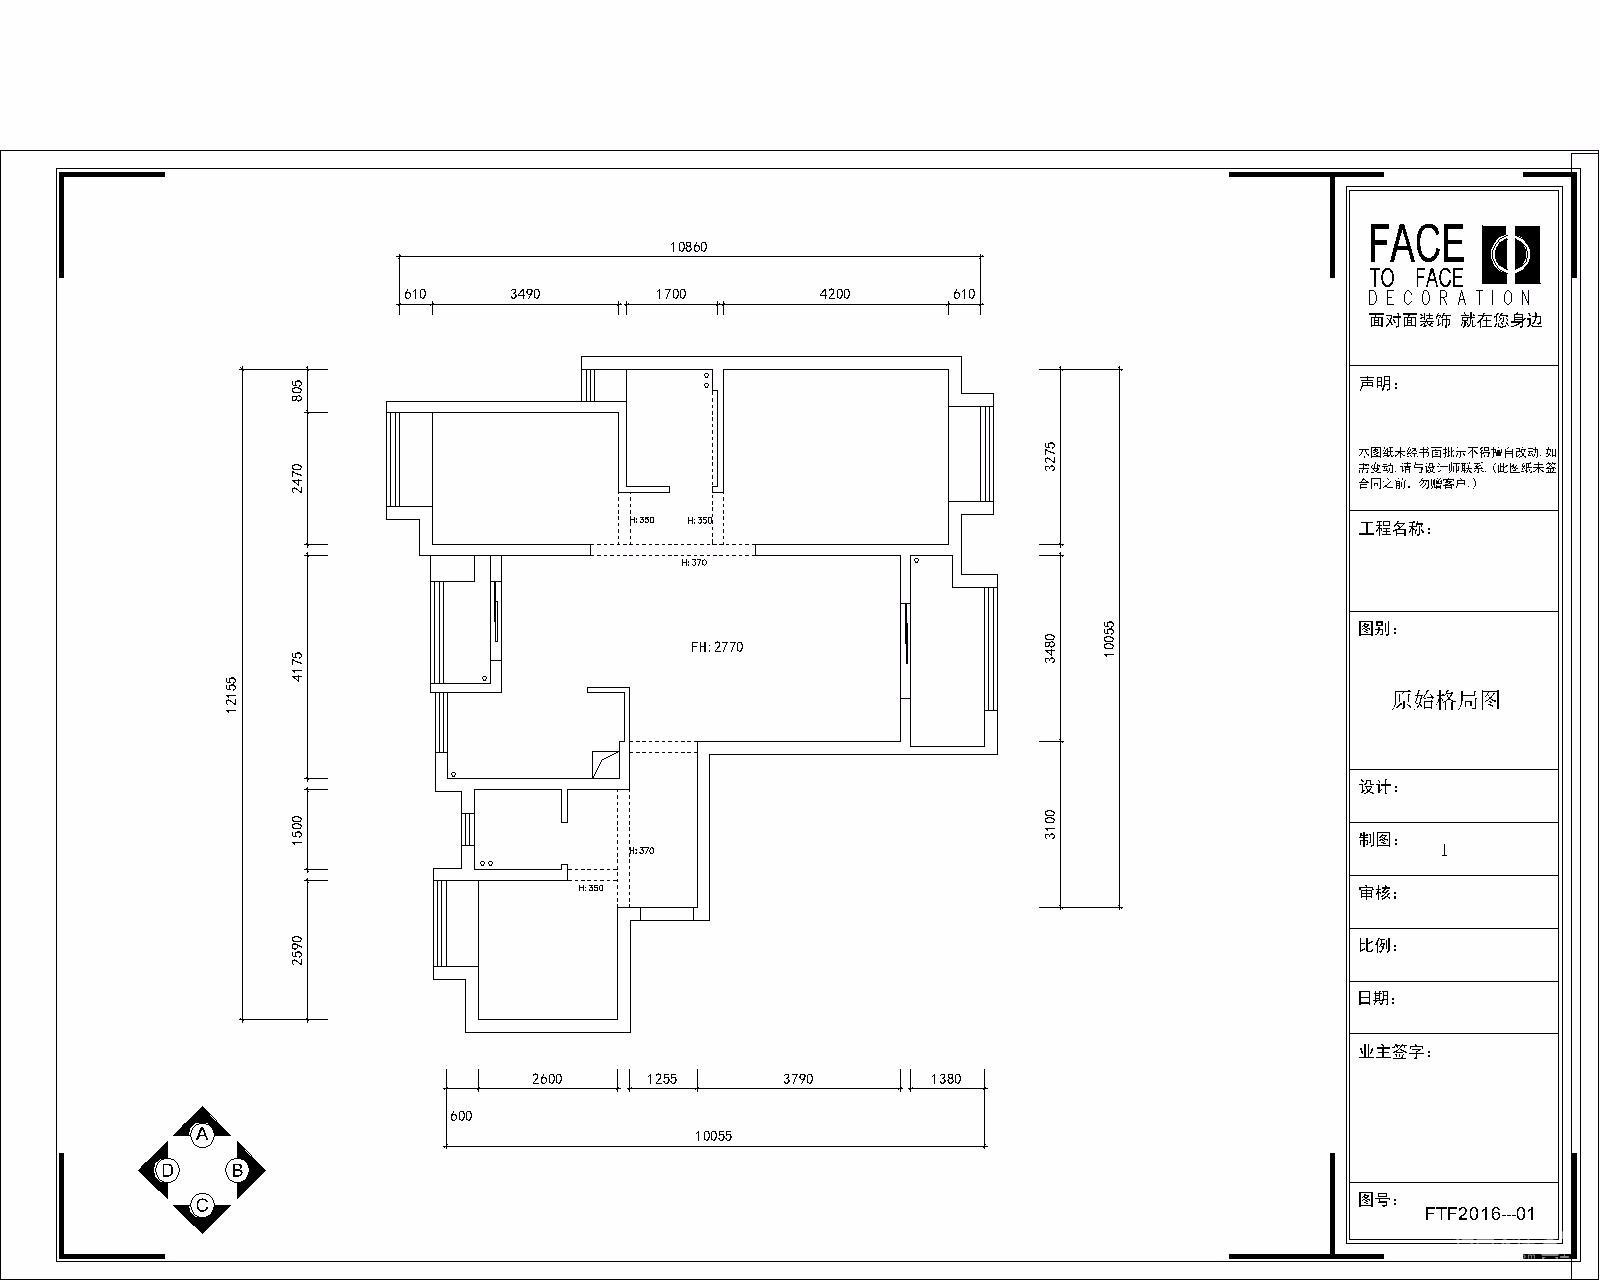 朗诗里程现代极简风格案例装修效果图_得意家居装修